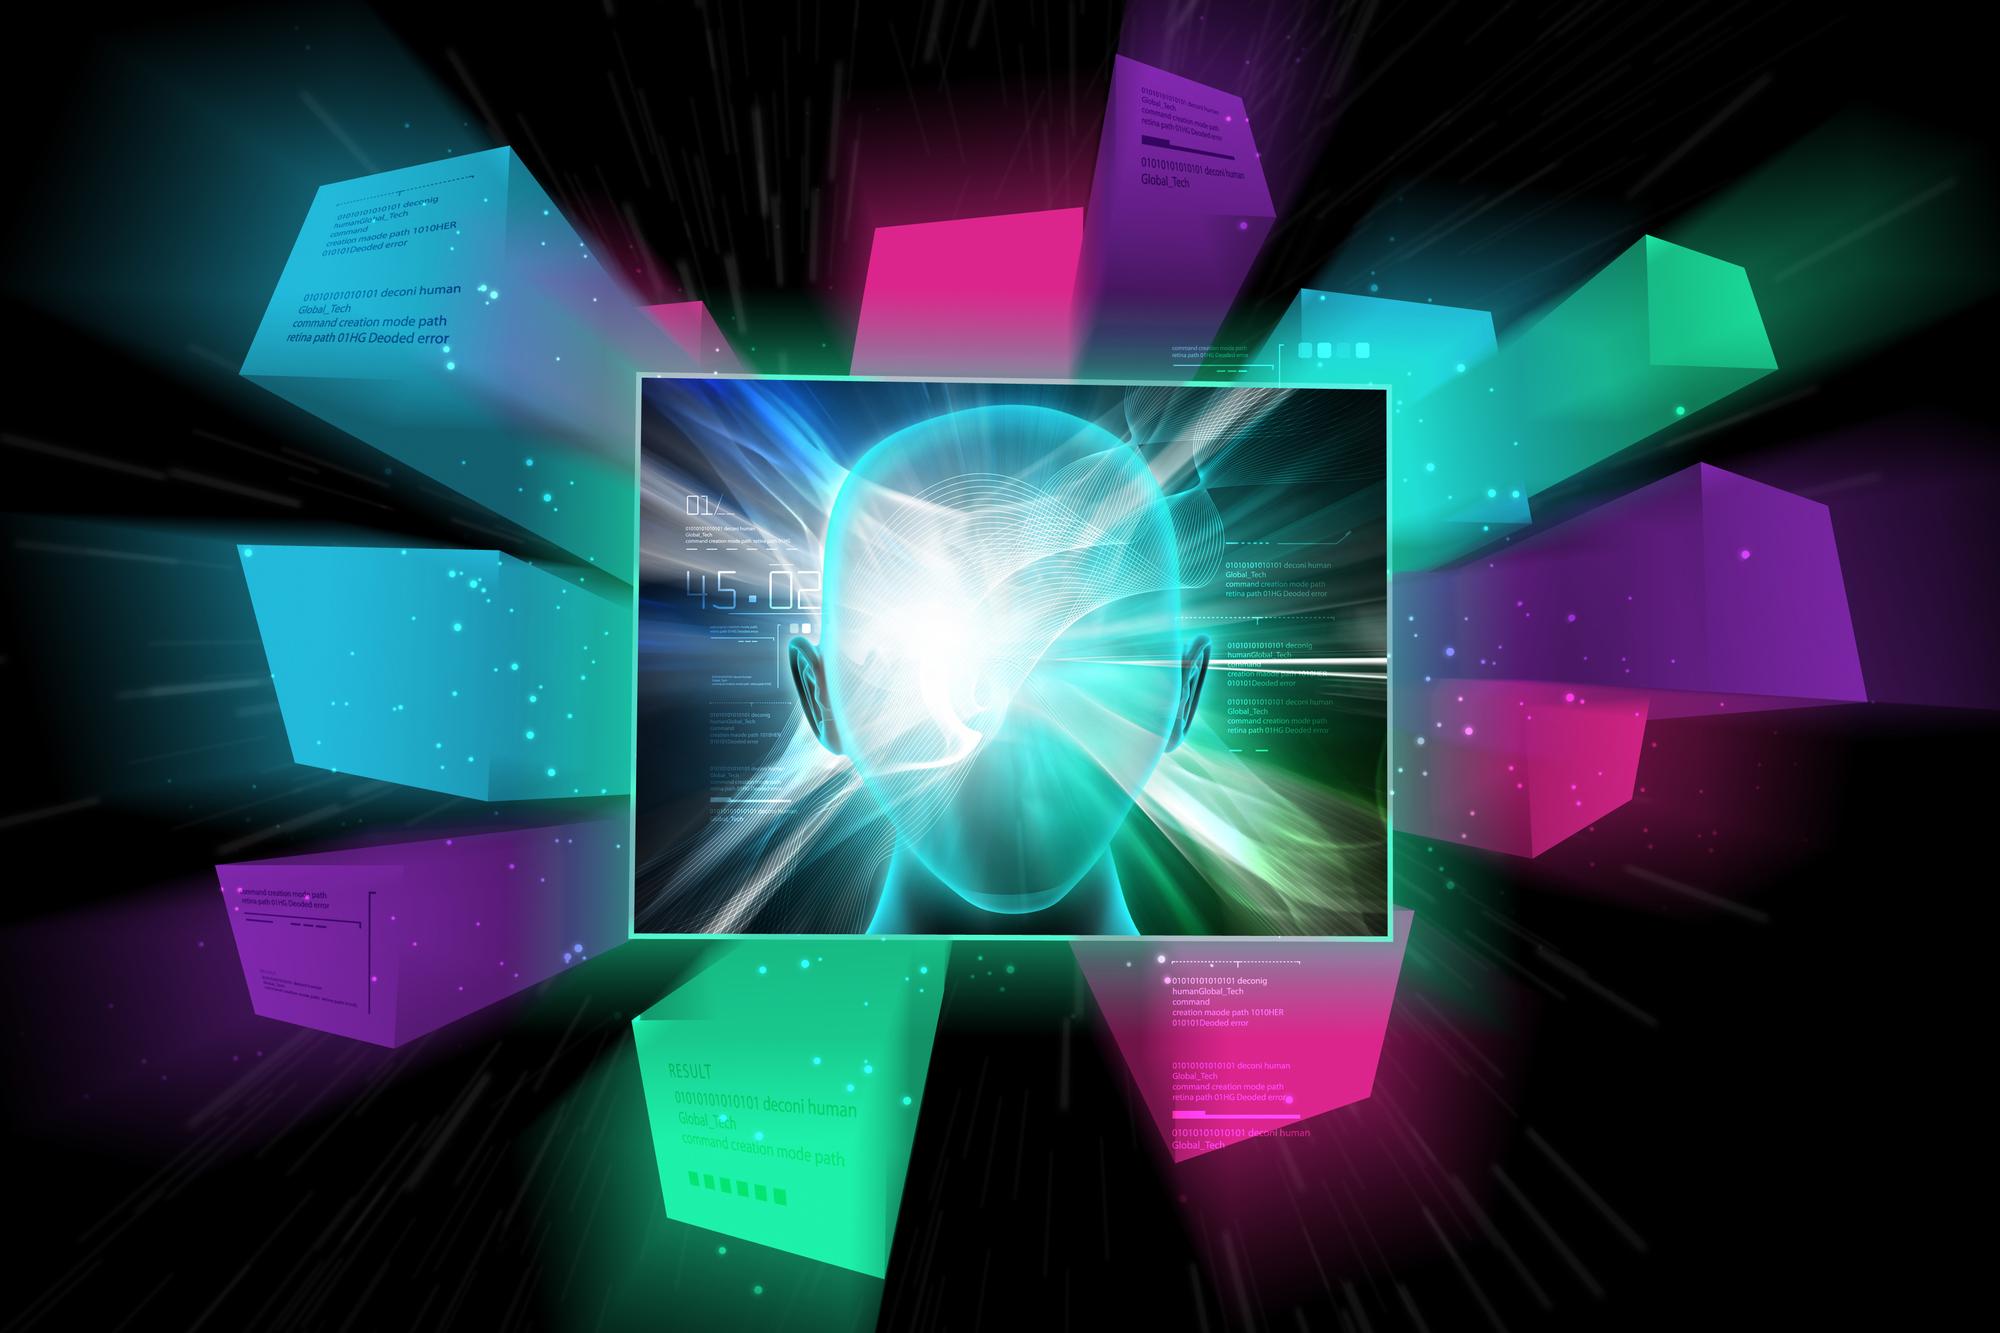 地球の呪縛が解き放たれる時代へ人類の意識改革が起き続ける!